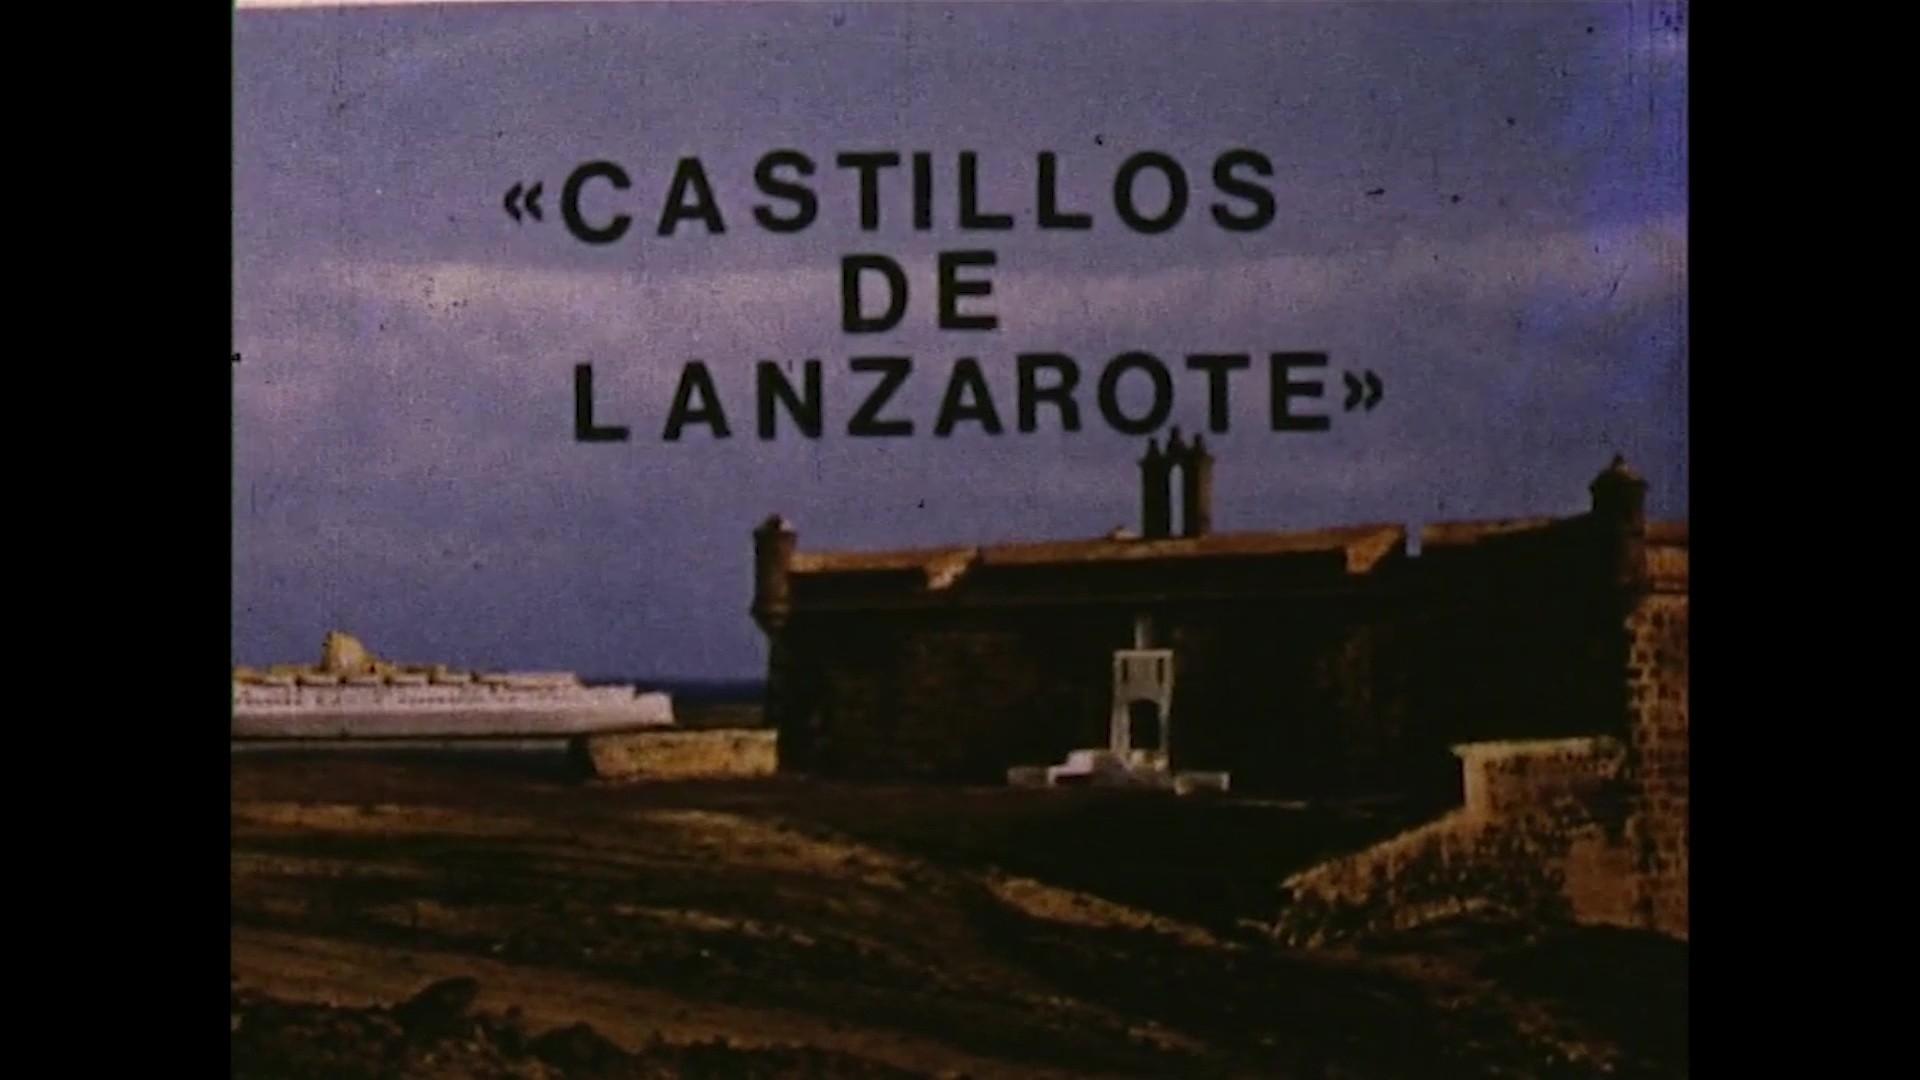 Castillos de Lanzarote (c. 1975)